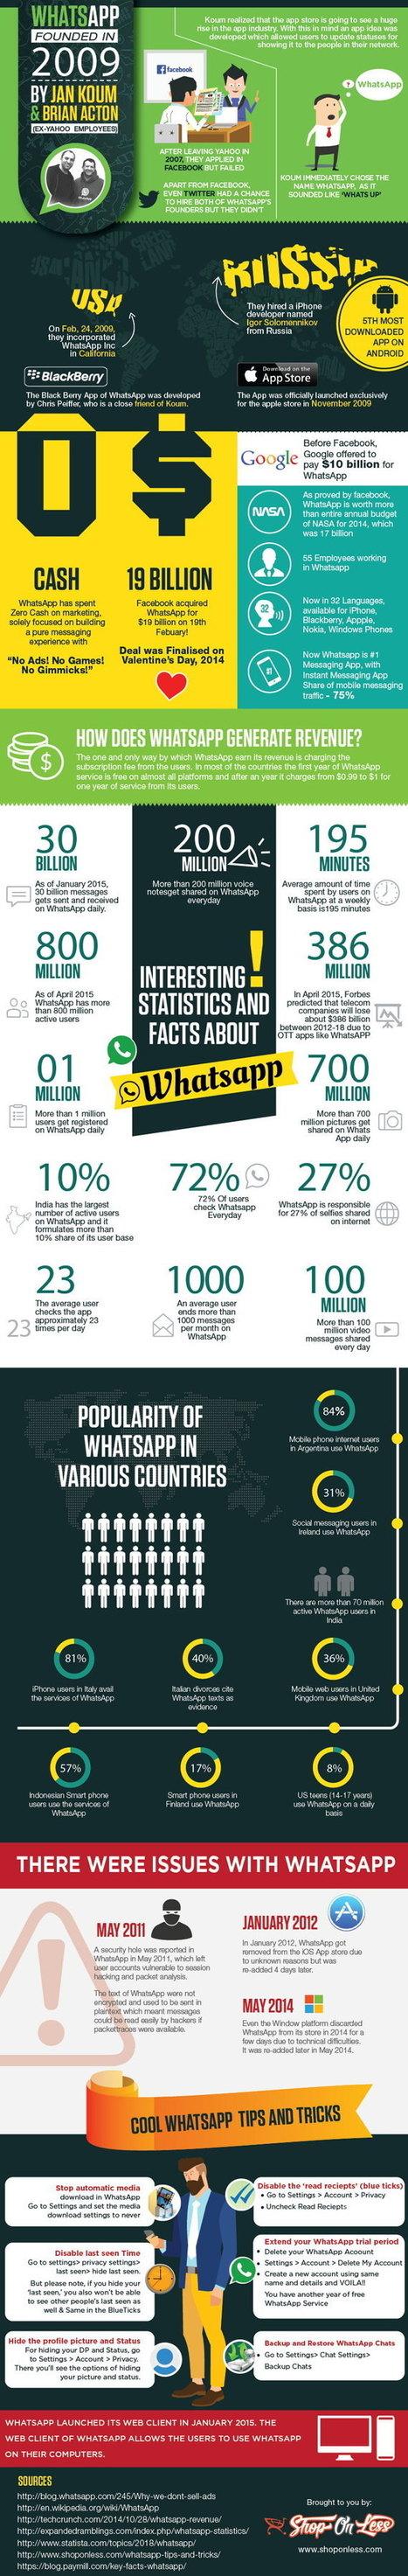 47 datos curiosos y estadísticas sobre WhatsApp [Infografía]   Educacion, ecologia y TIC   Scoop.it